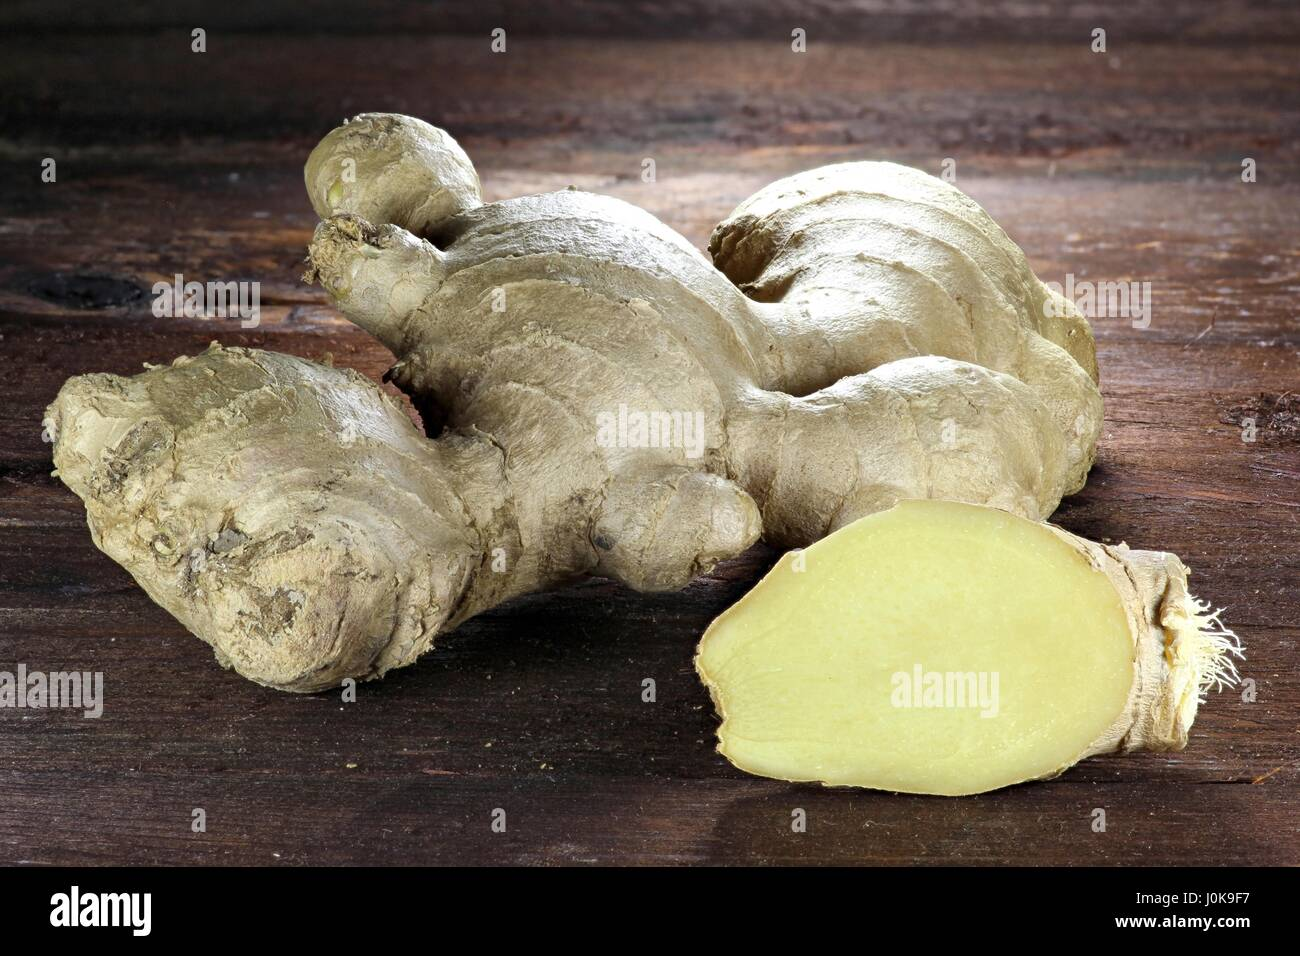 ginger rhizome on wooden background - Stock Image